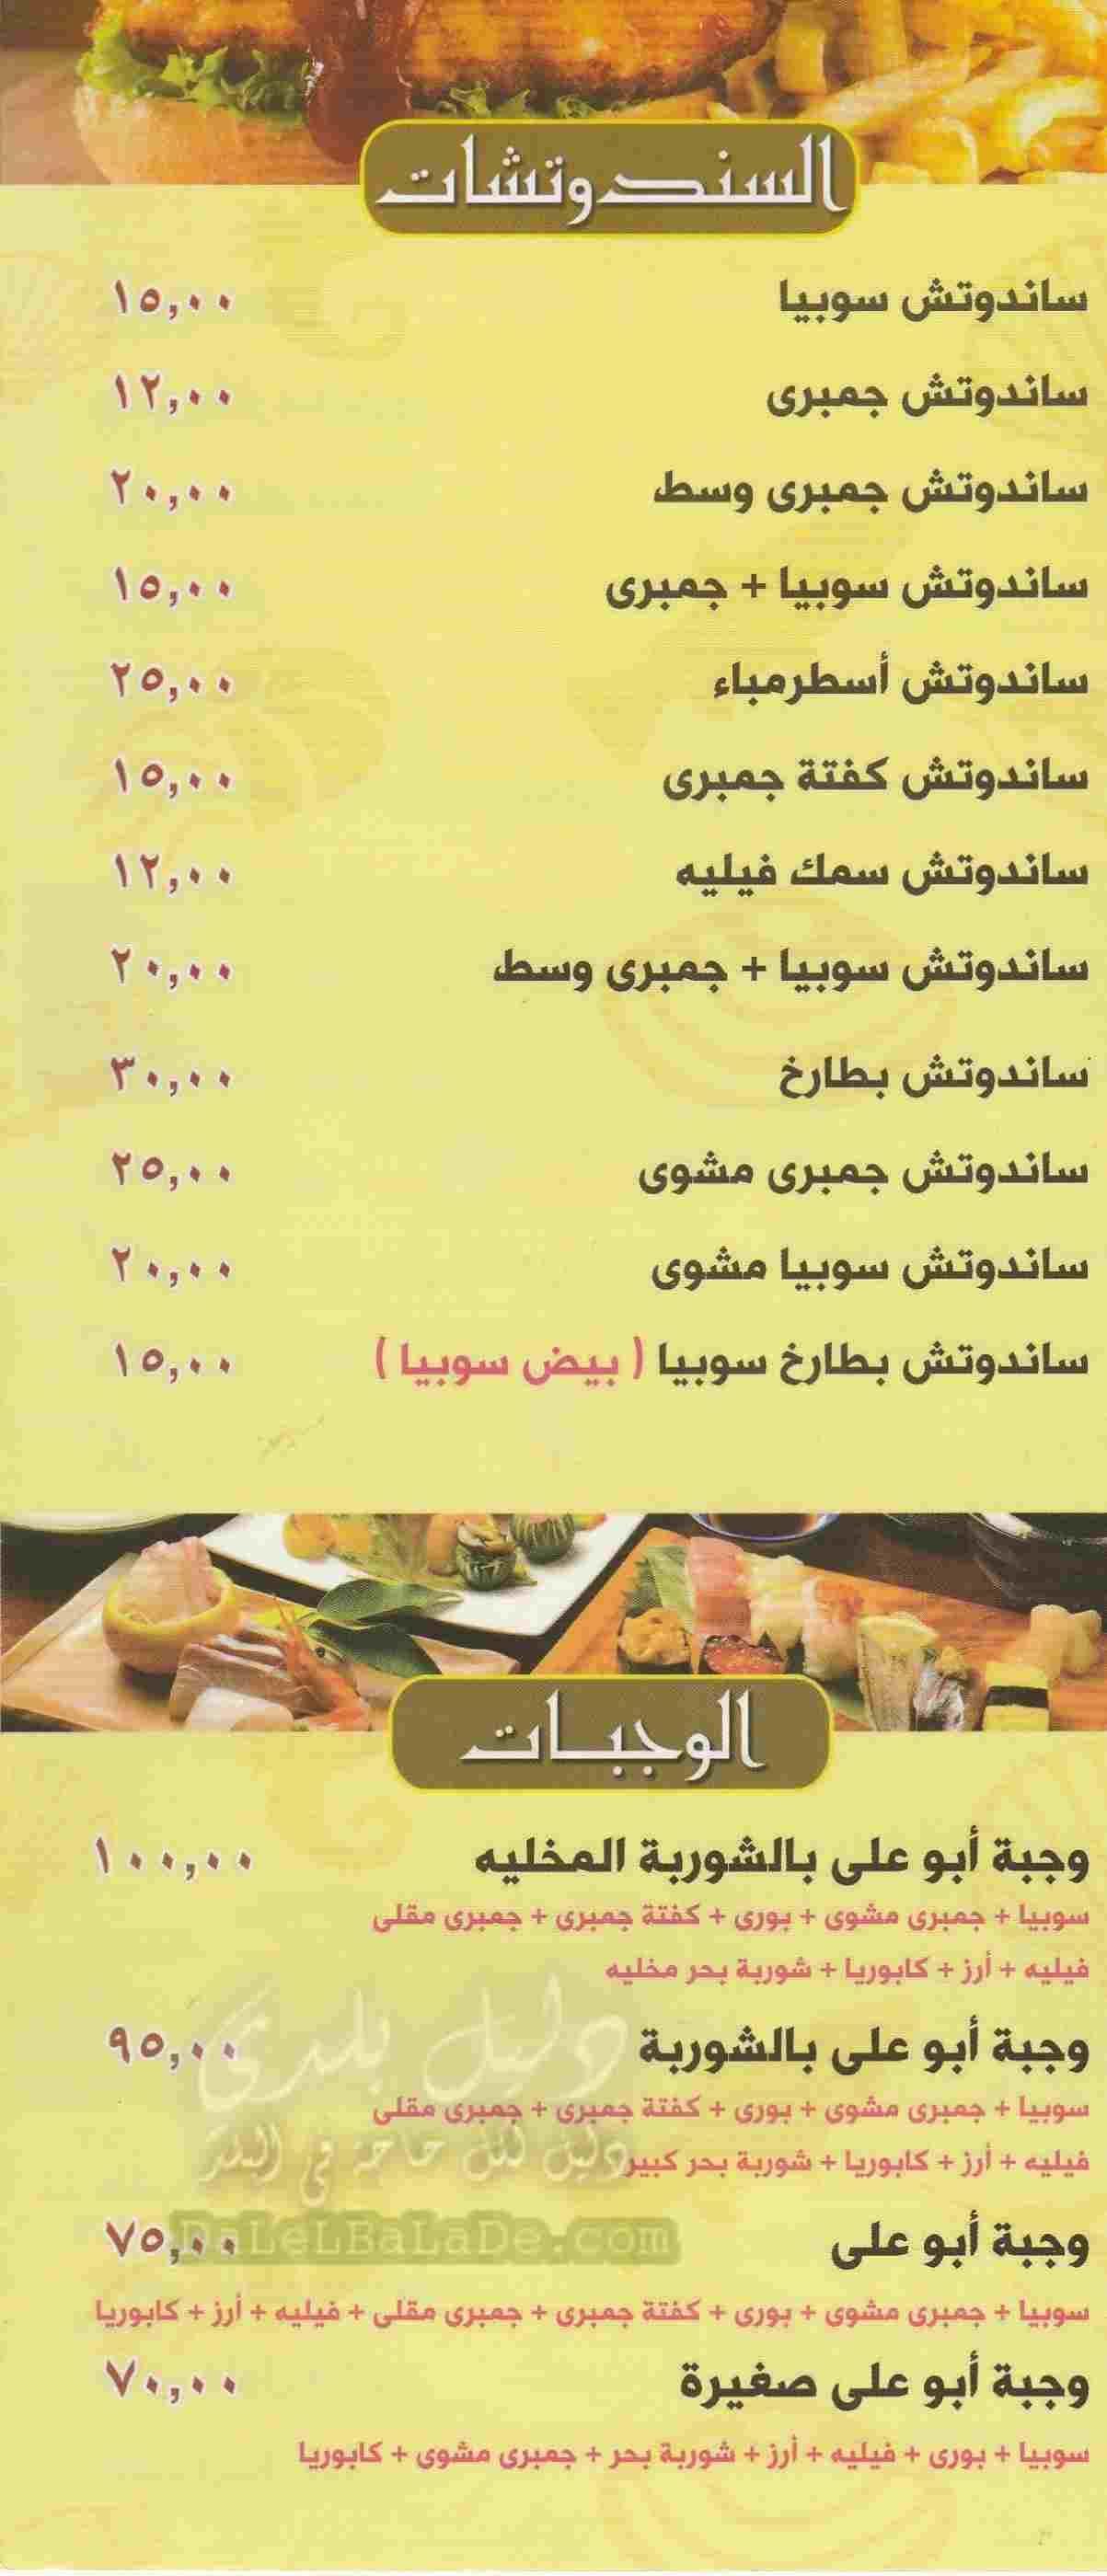 منيو و رقم حسن ابو علي للماكولات البحرية دليل بلدي Fish And Seafood Fish